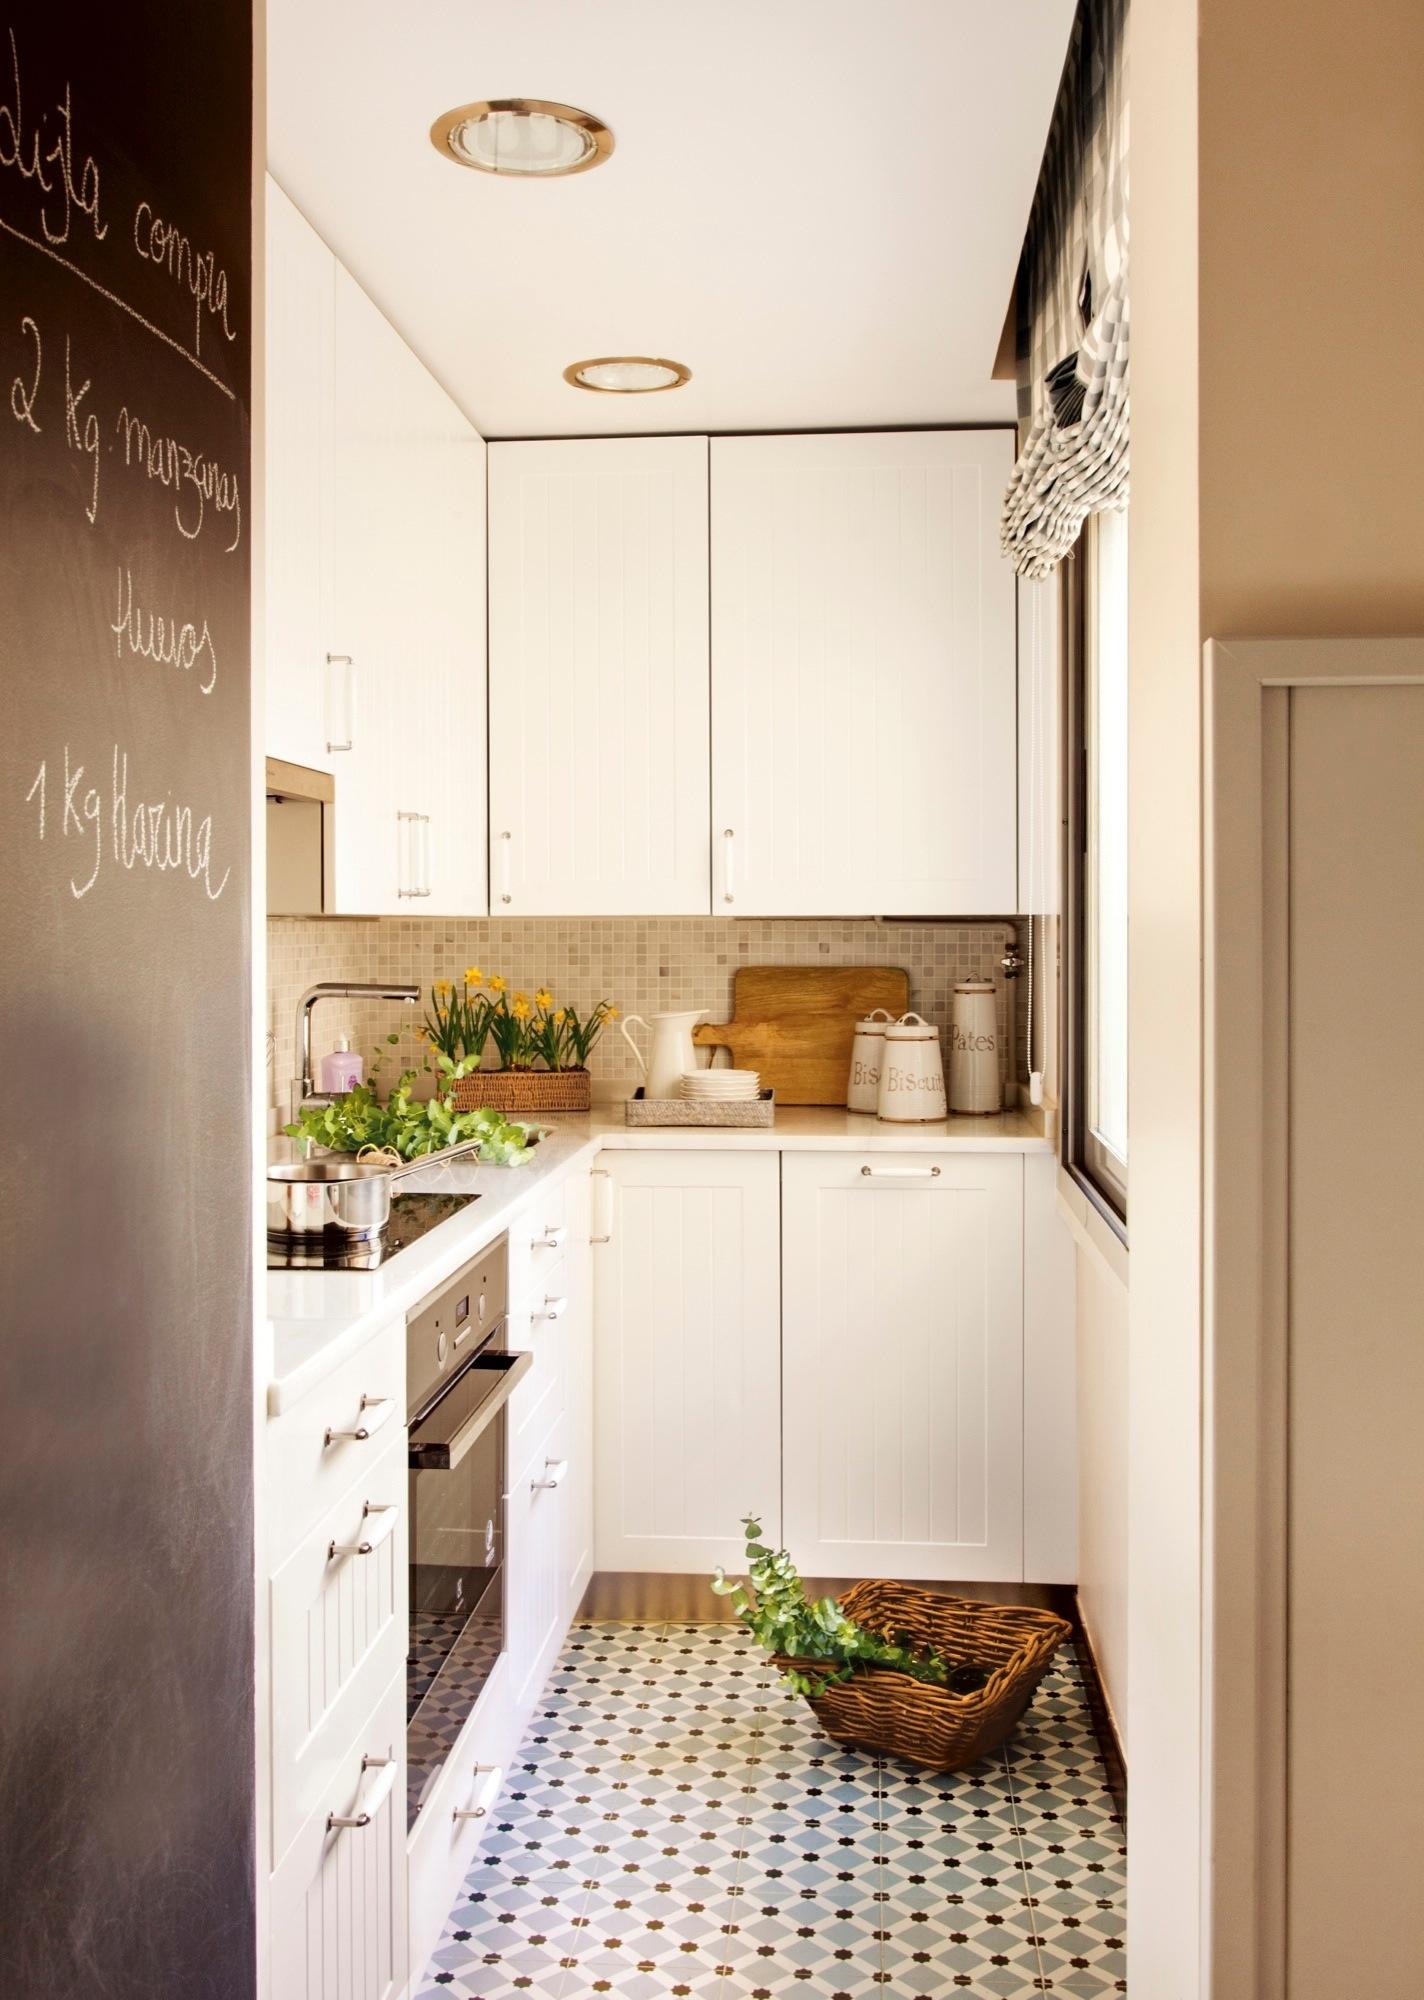 2241 Fotos de Cocinas